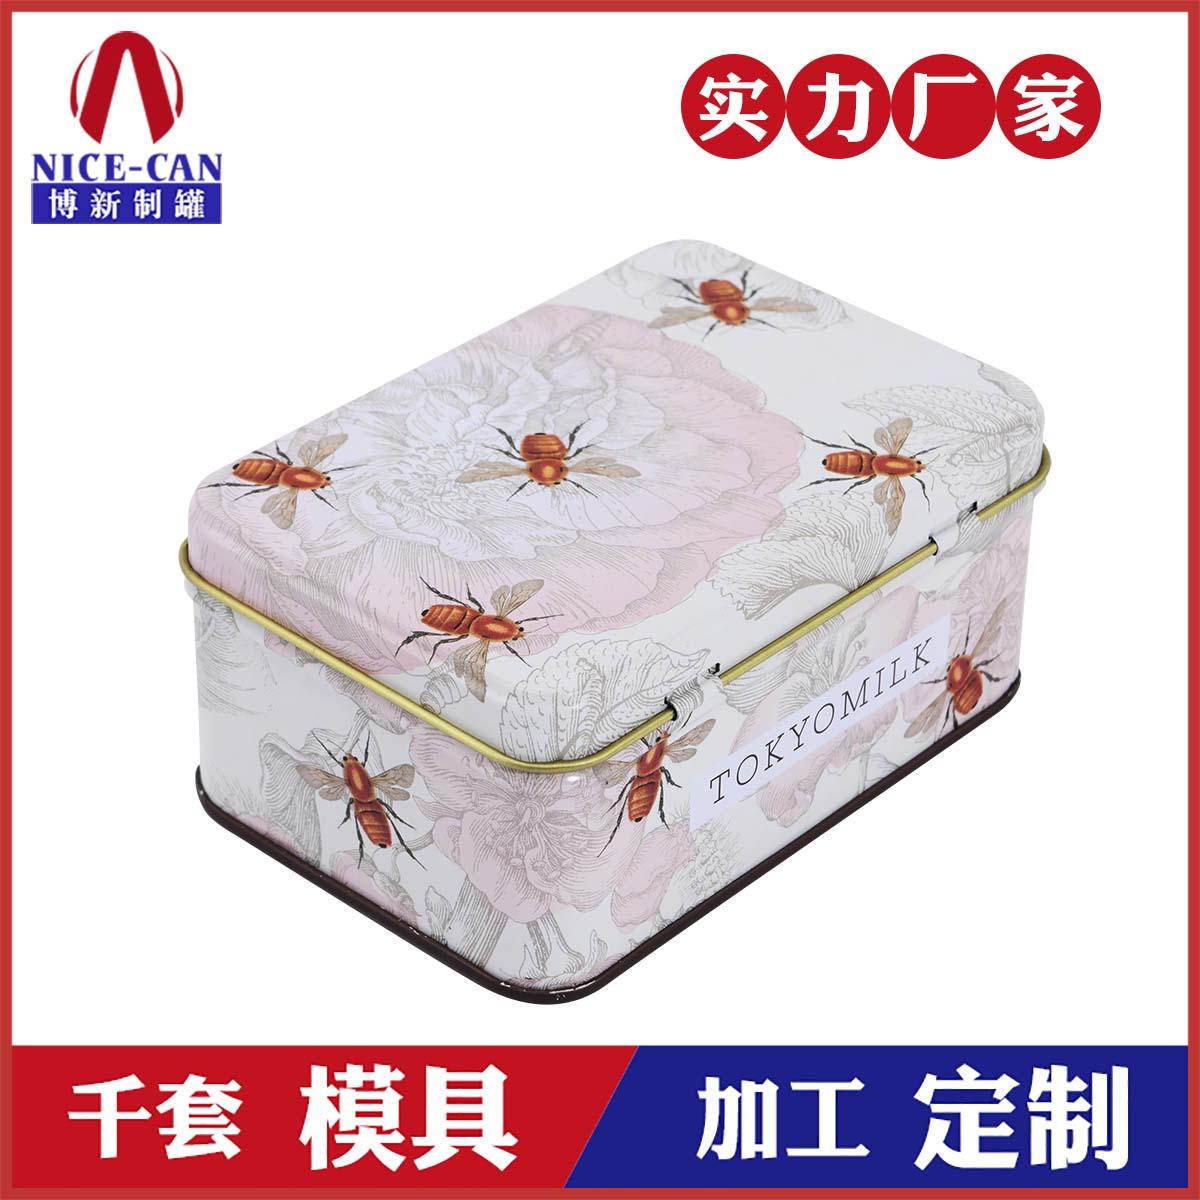 正方形香皂铁盒-定制香皂包装铁盒